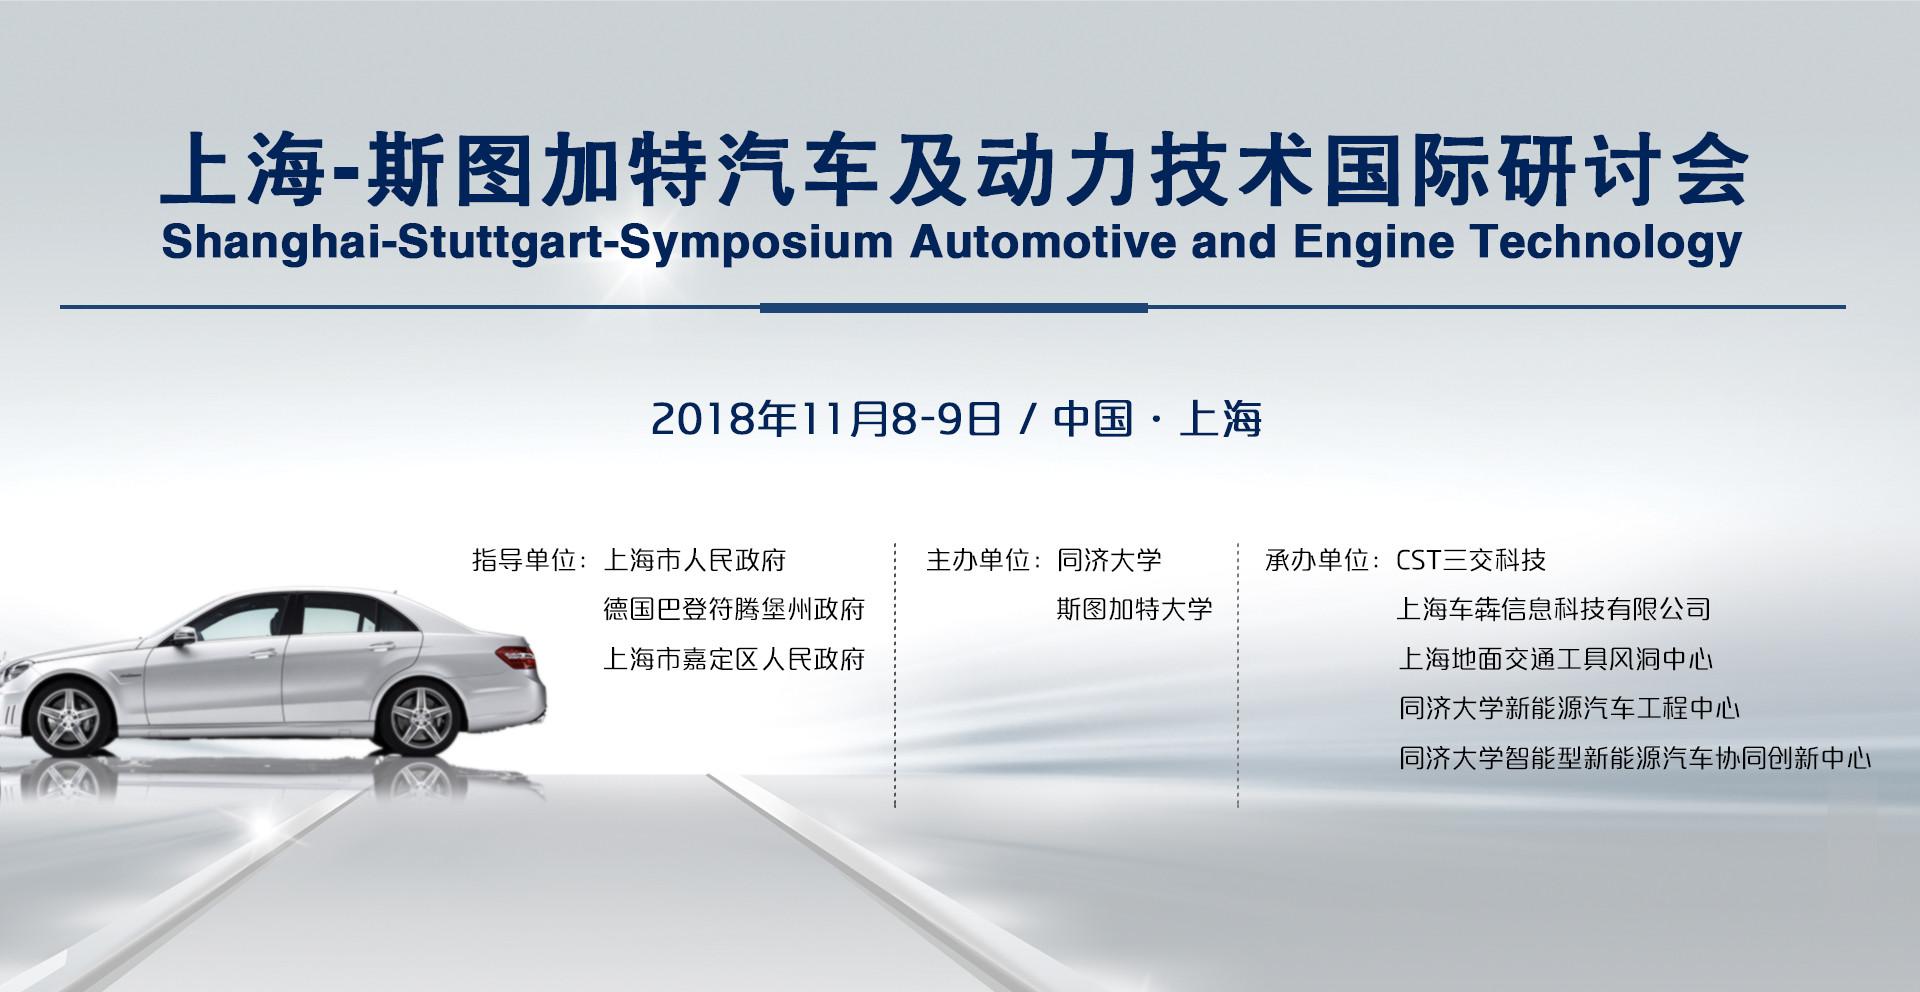 第三届上海-斯图加特汽车及动力技术国际研讨会2018